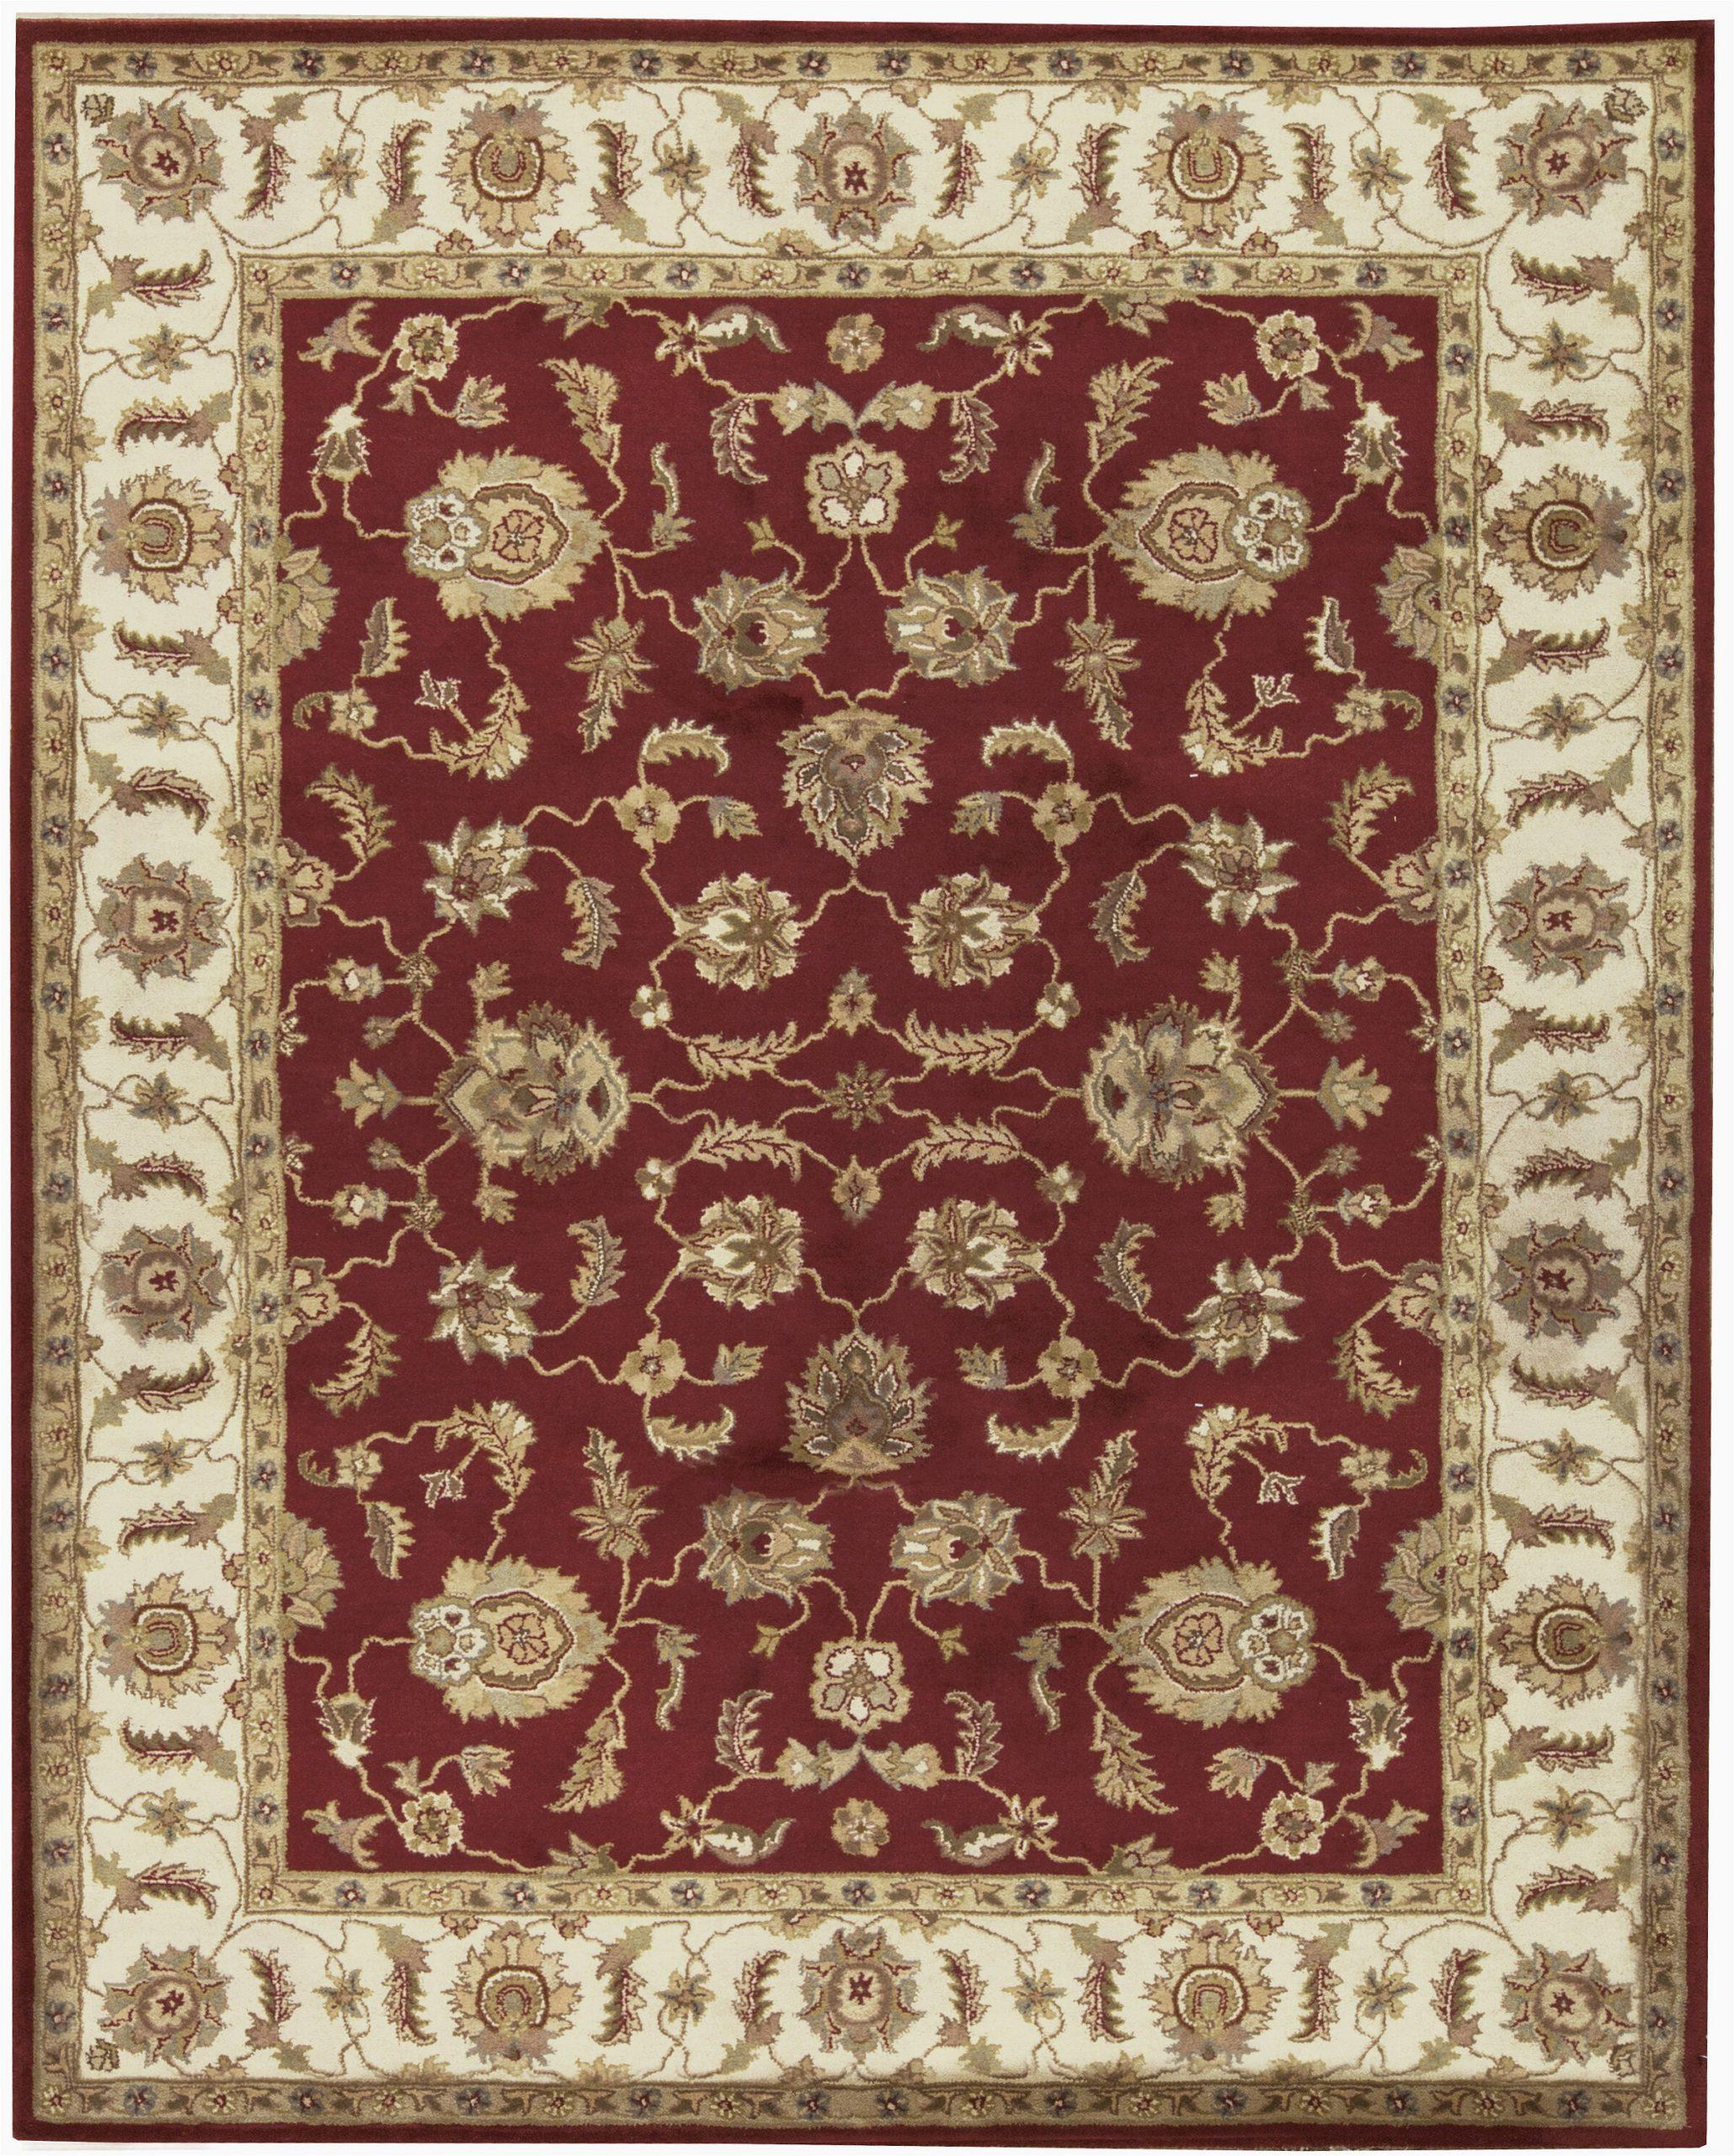 bokara rug co inc hand tufted 8 x 10 wool redbrown area rug abhd1537